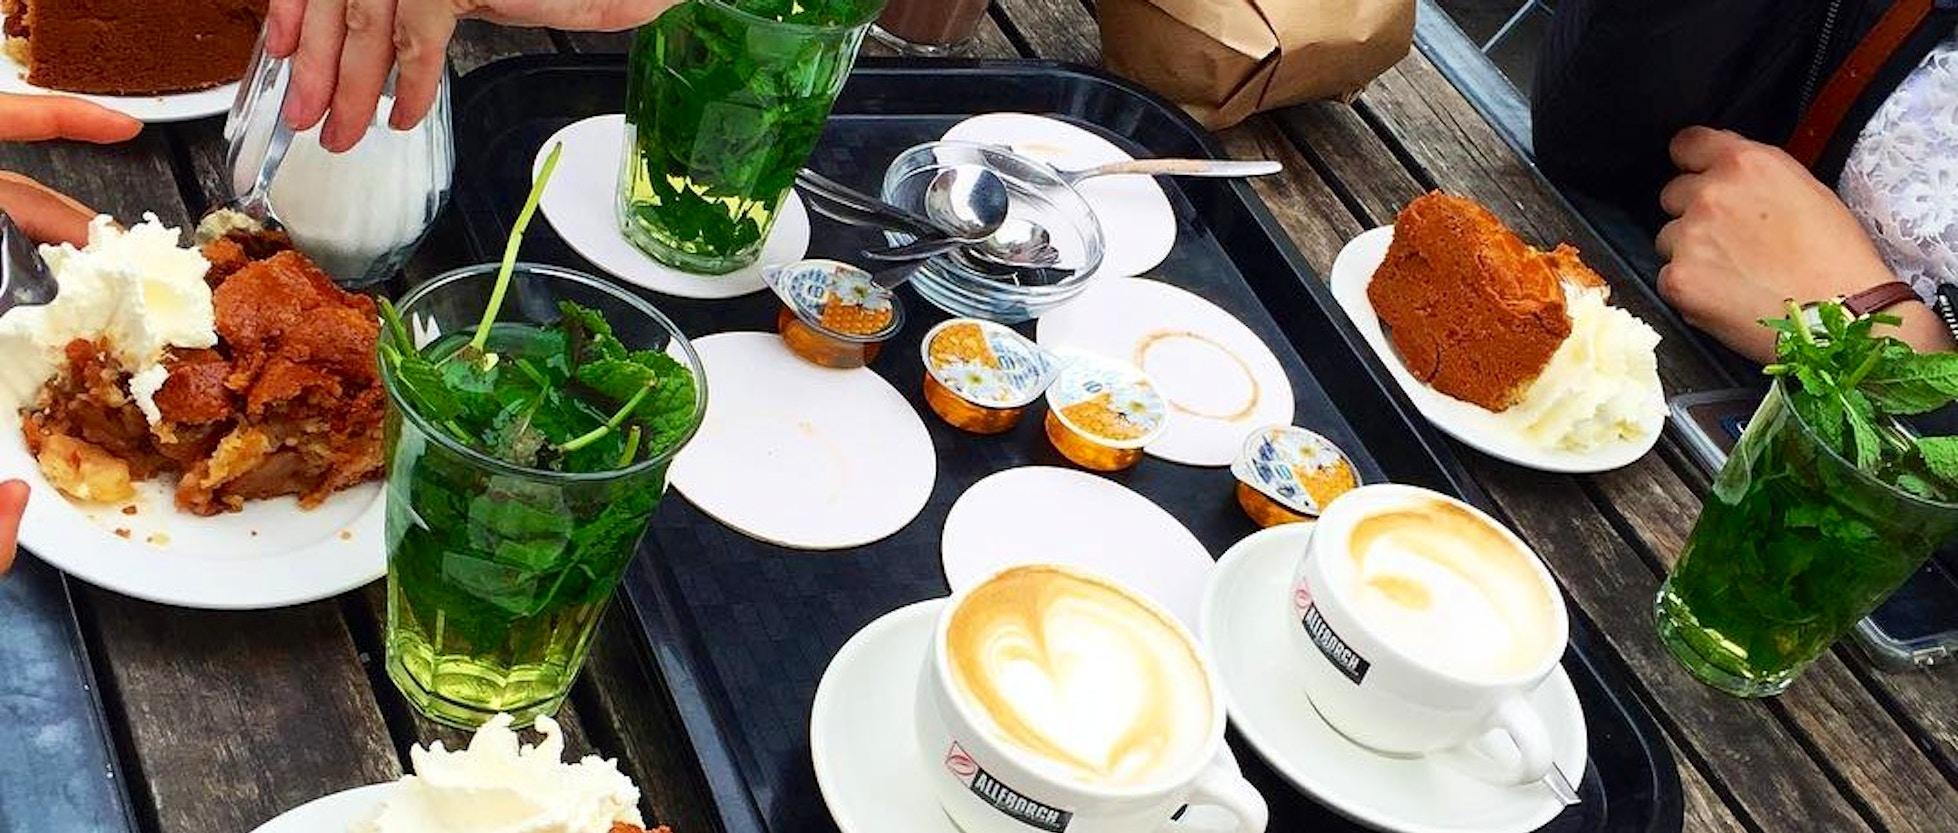 15 piatti tipici olandesi che devi mangiare ad amsterdam for Amsterdam mangiare